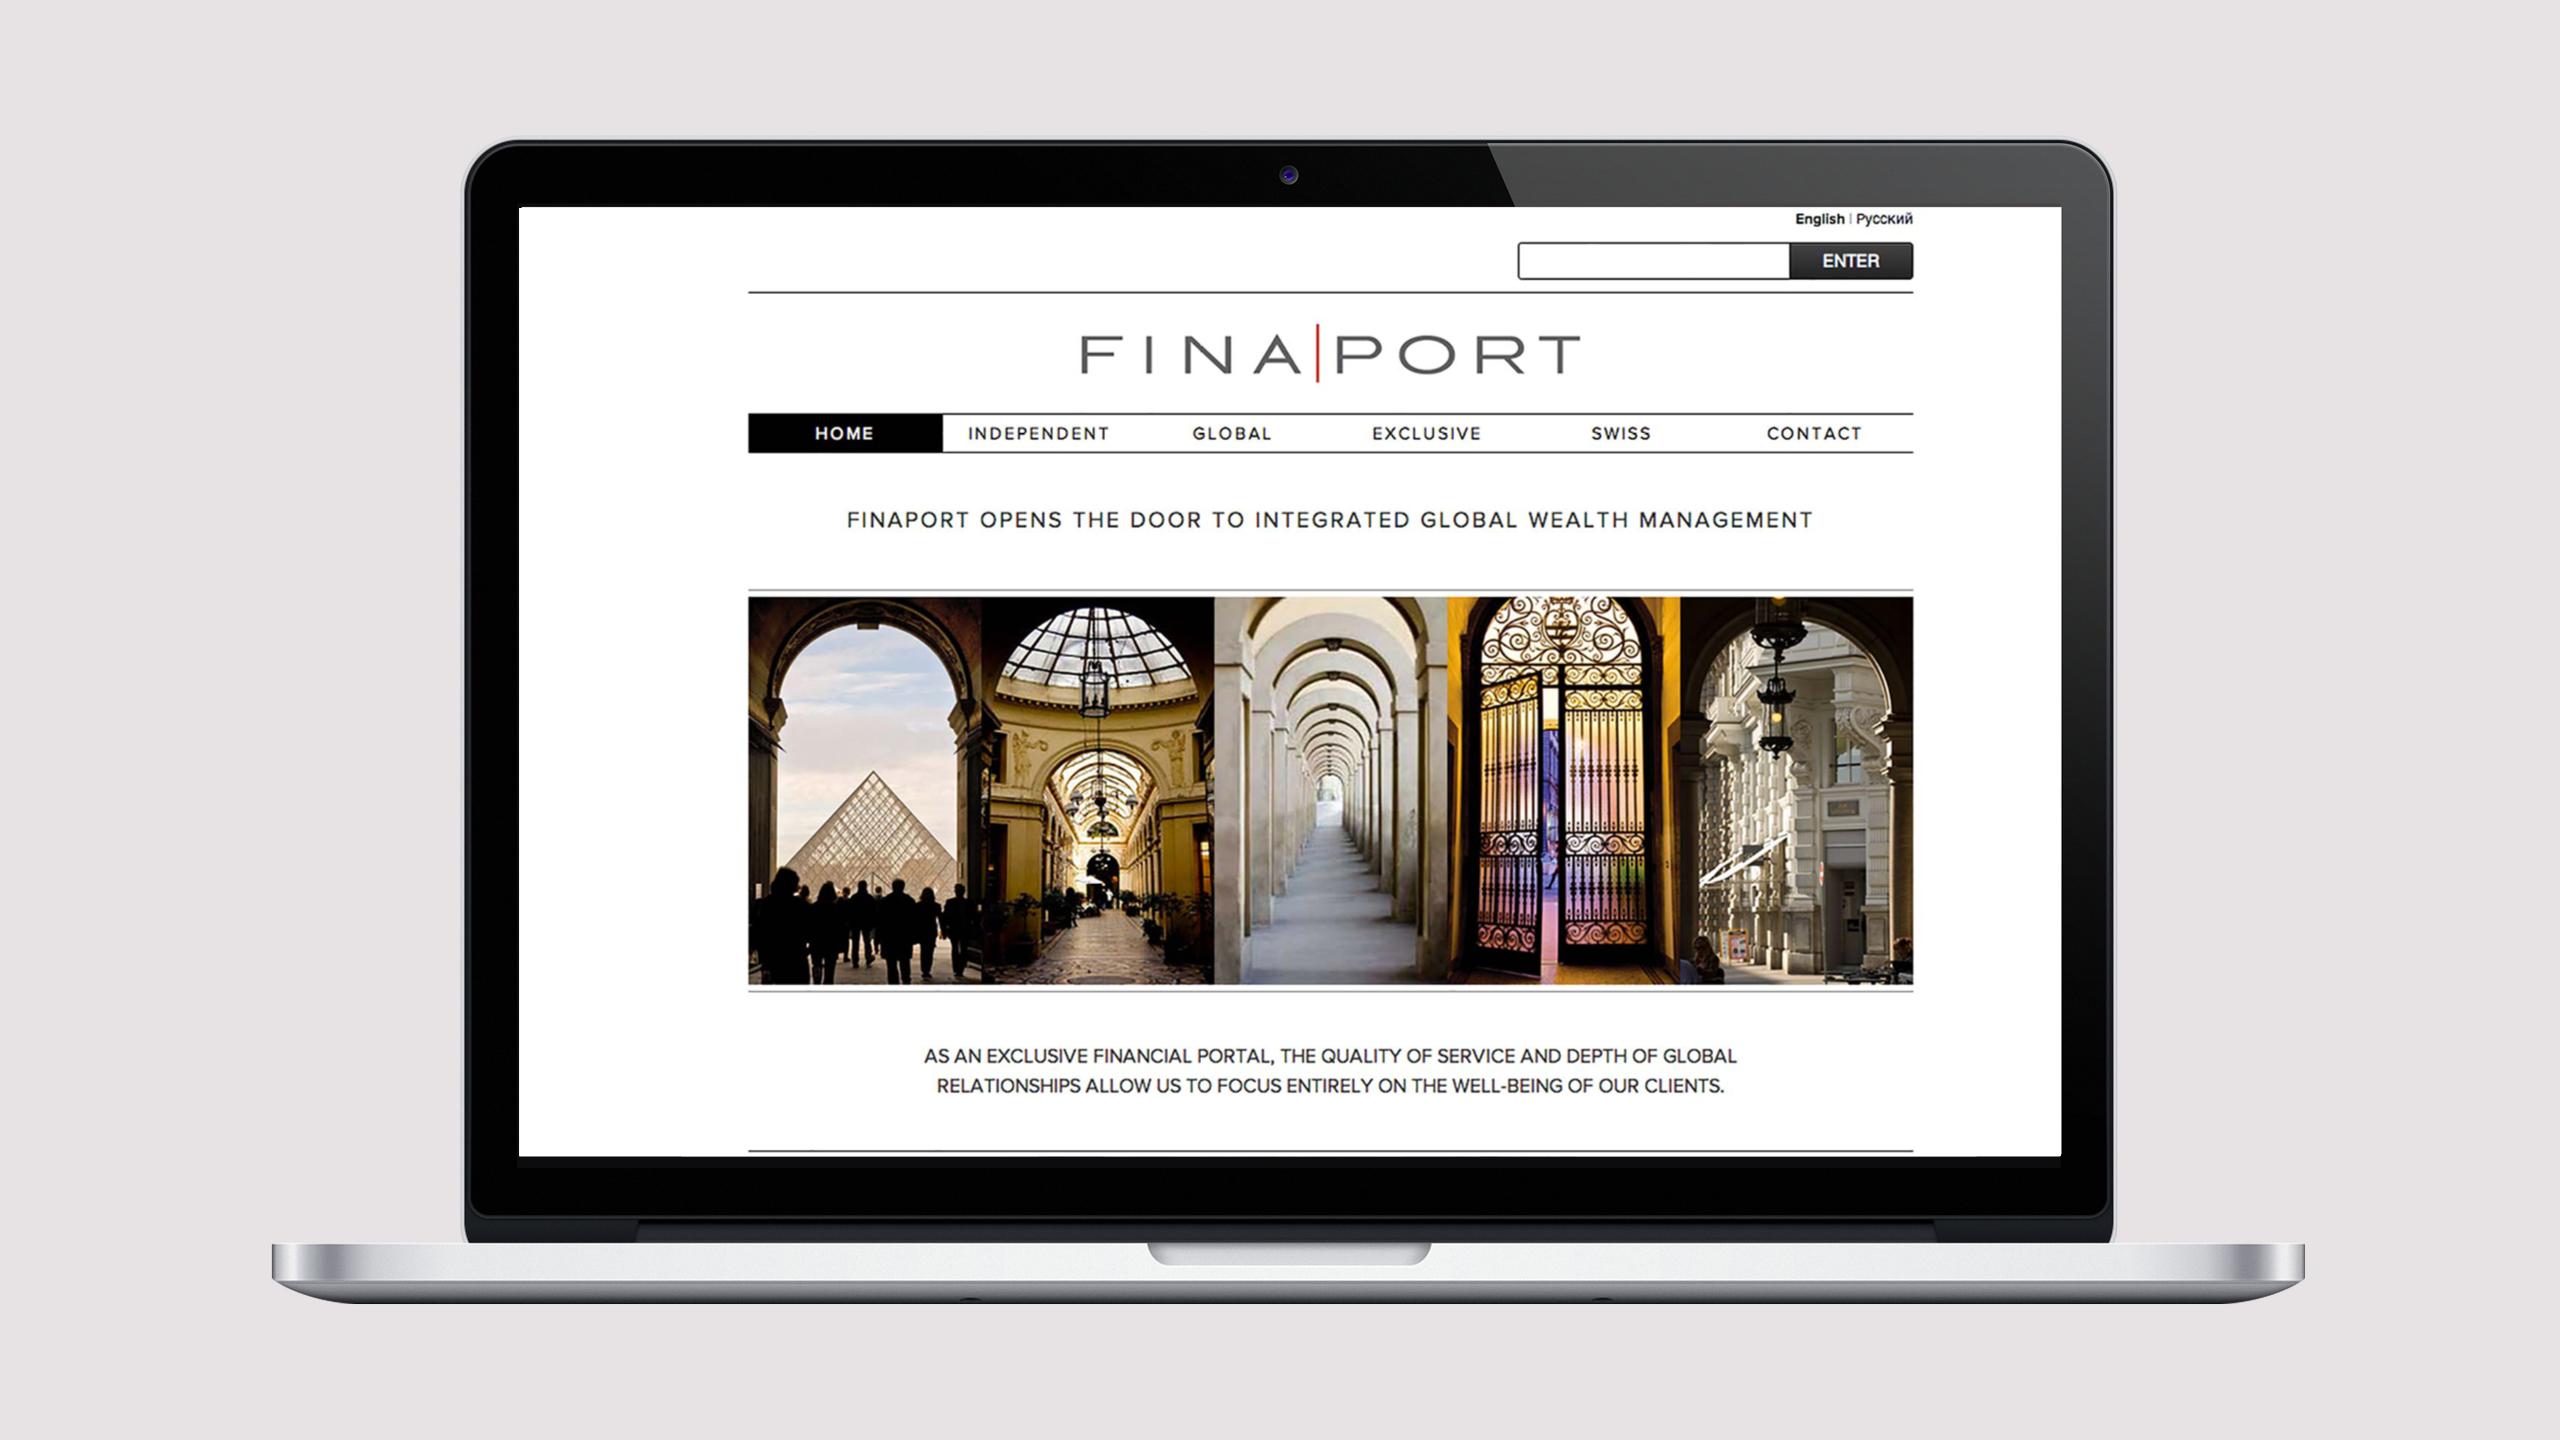 Finaport website